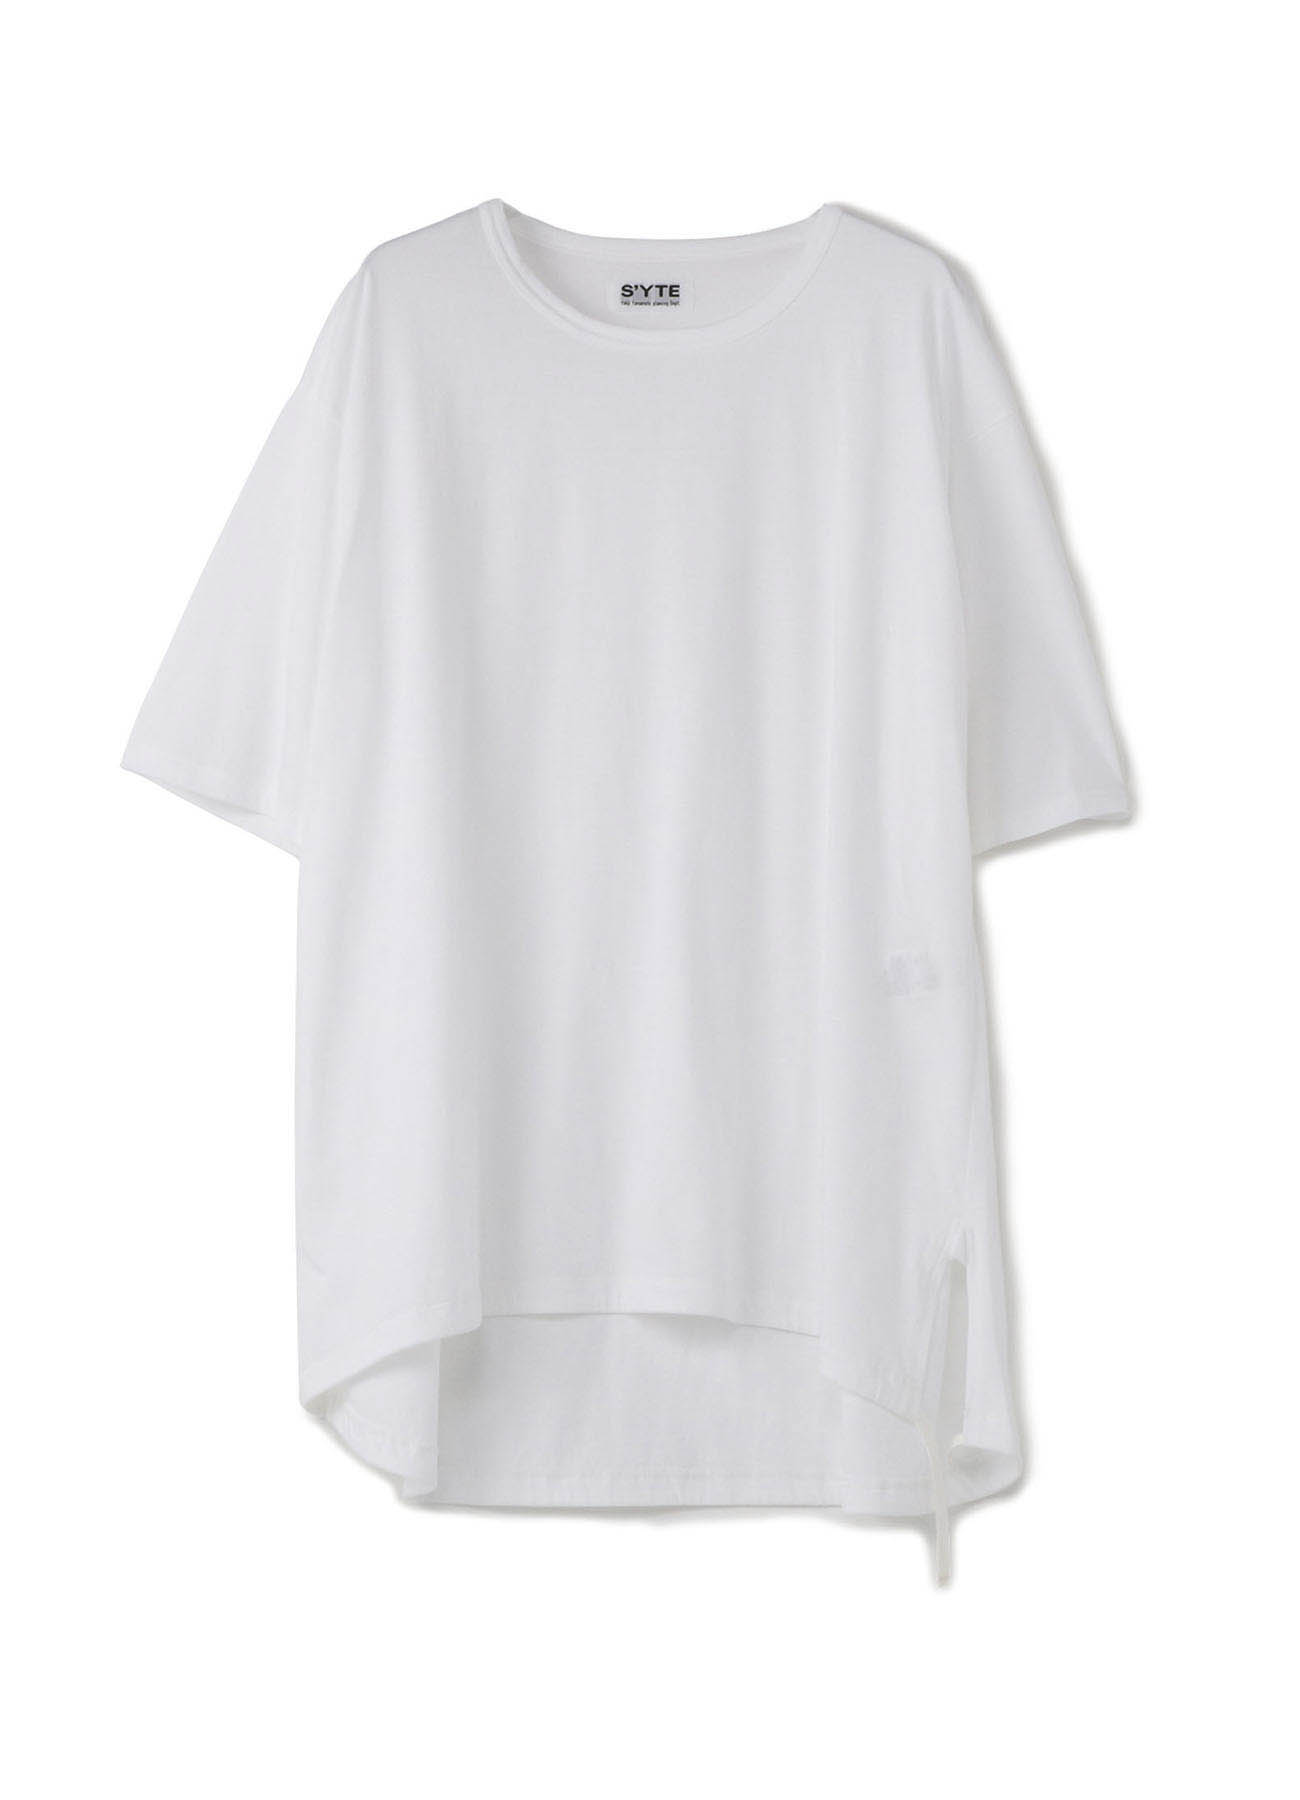 抽绳大T恤